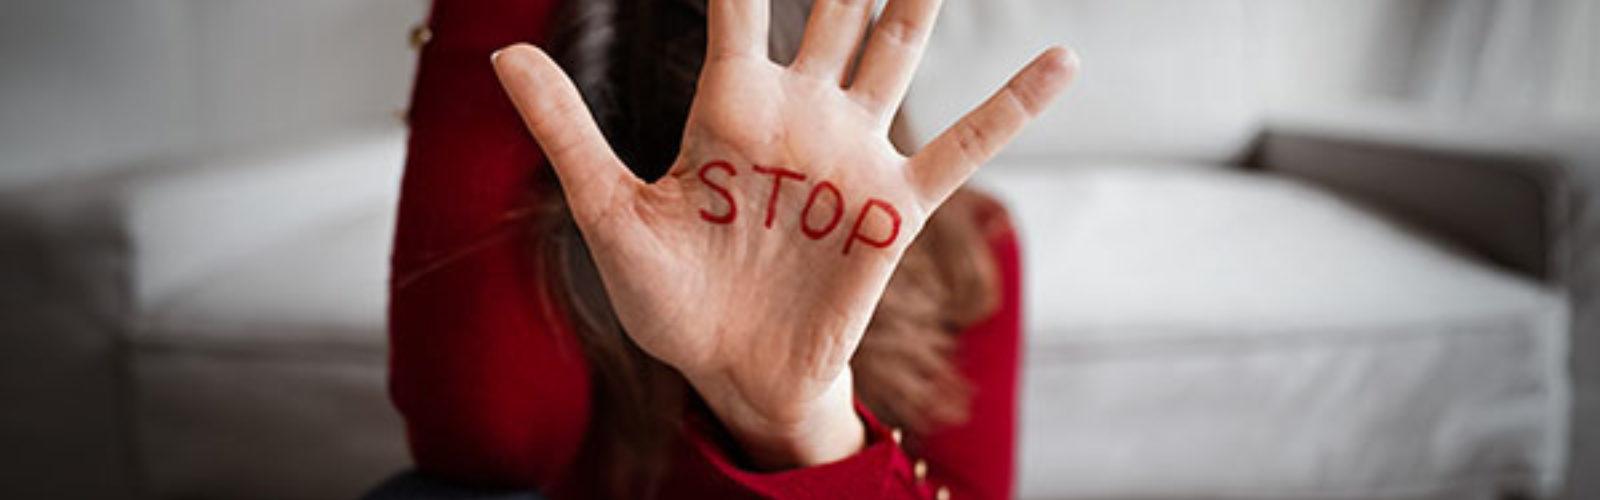 stop written on hand (bs404366330)_web .jpg